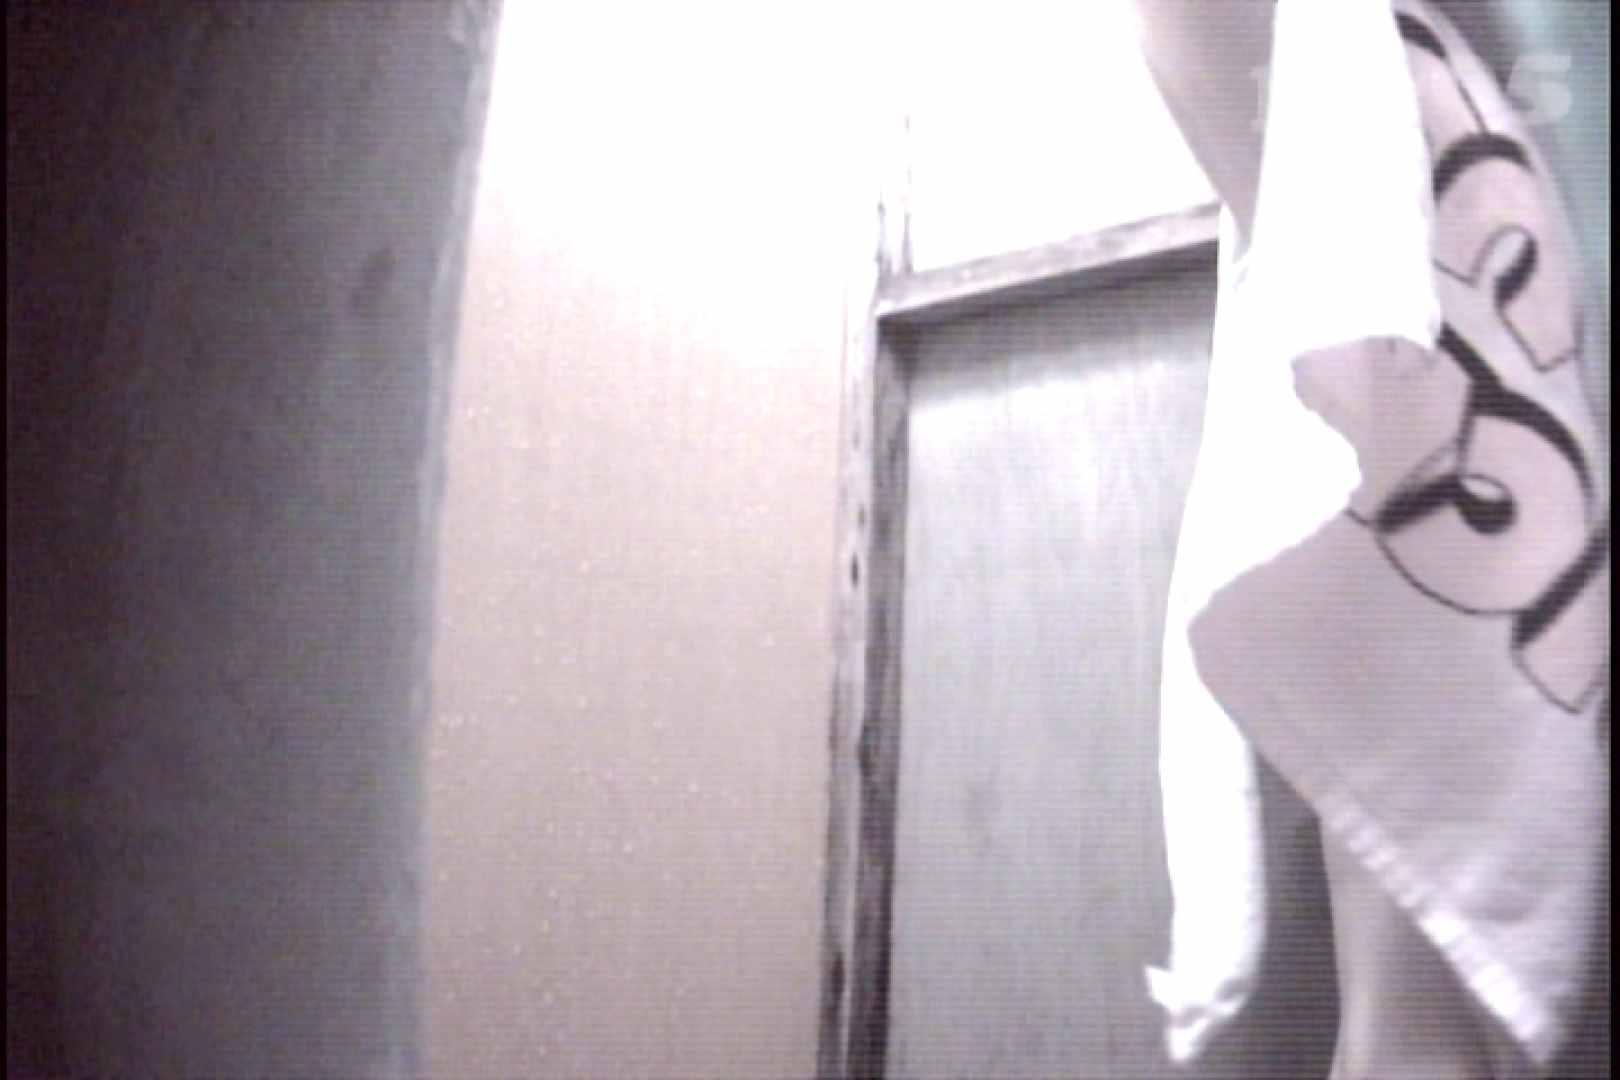 File.35 下からくっきりワレメちゃん確認! 独占盗撮 | 脱衣所  56連発 8